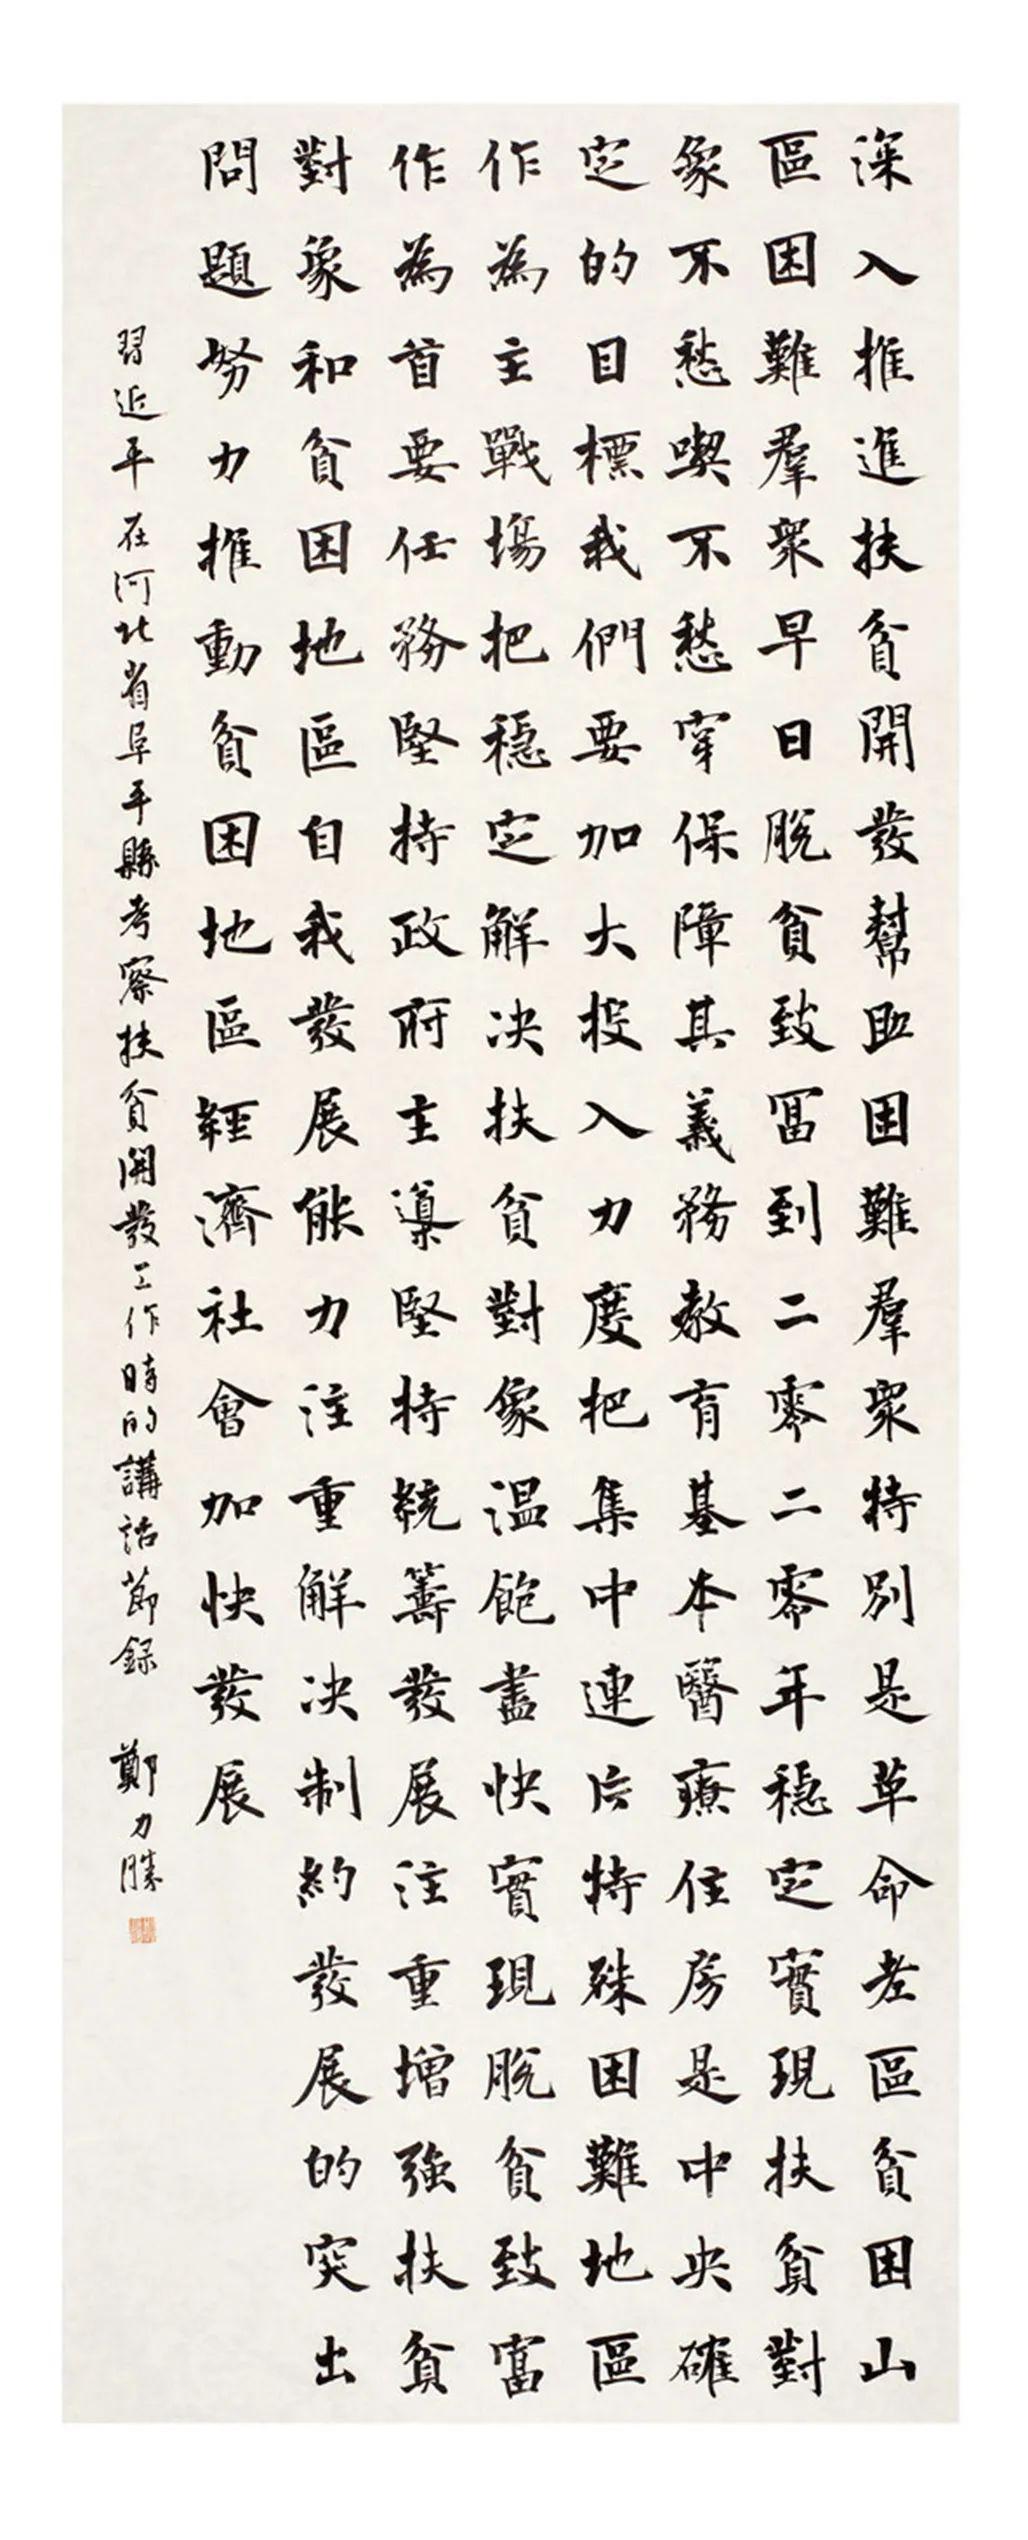 中国力量——全国扶贫书法大展作品 | 第一篇章 :人民至上(图25)